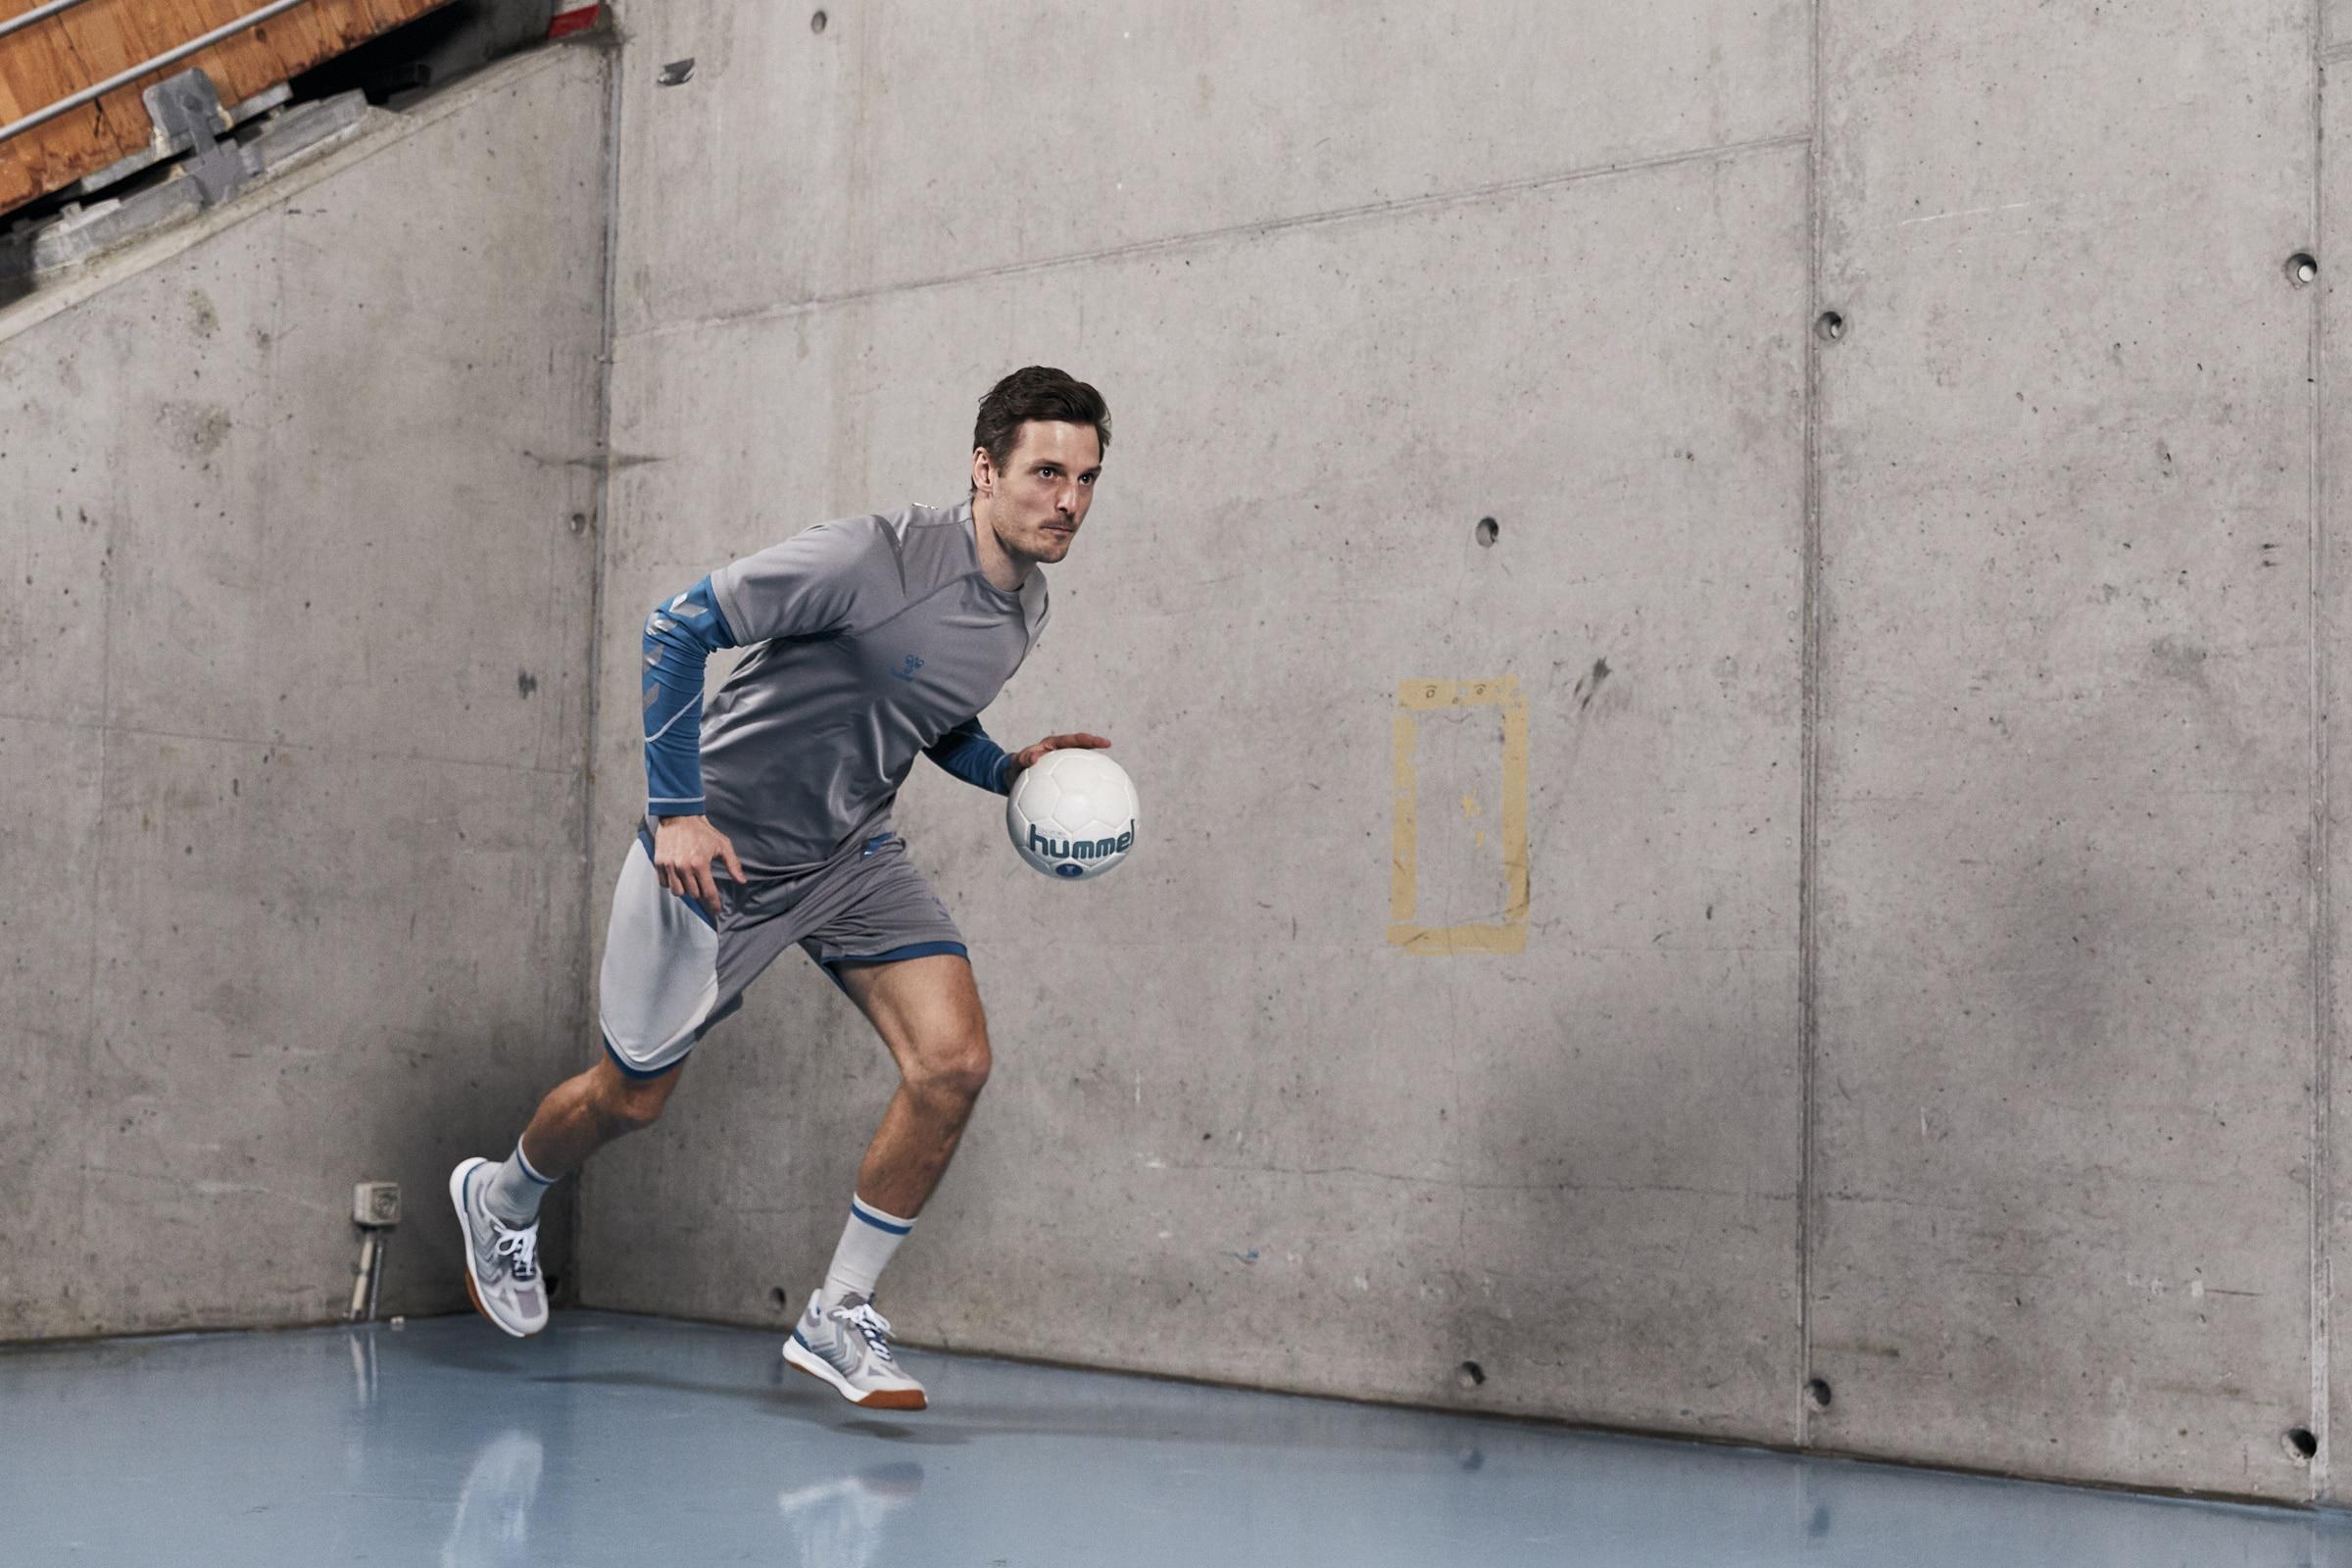 hummel-devoile-sa-nouvelle-chaussure-de-handball-inventus-reach-lx-4